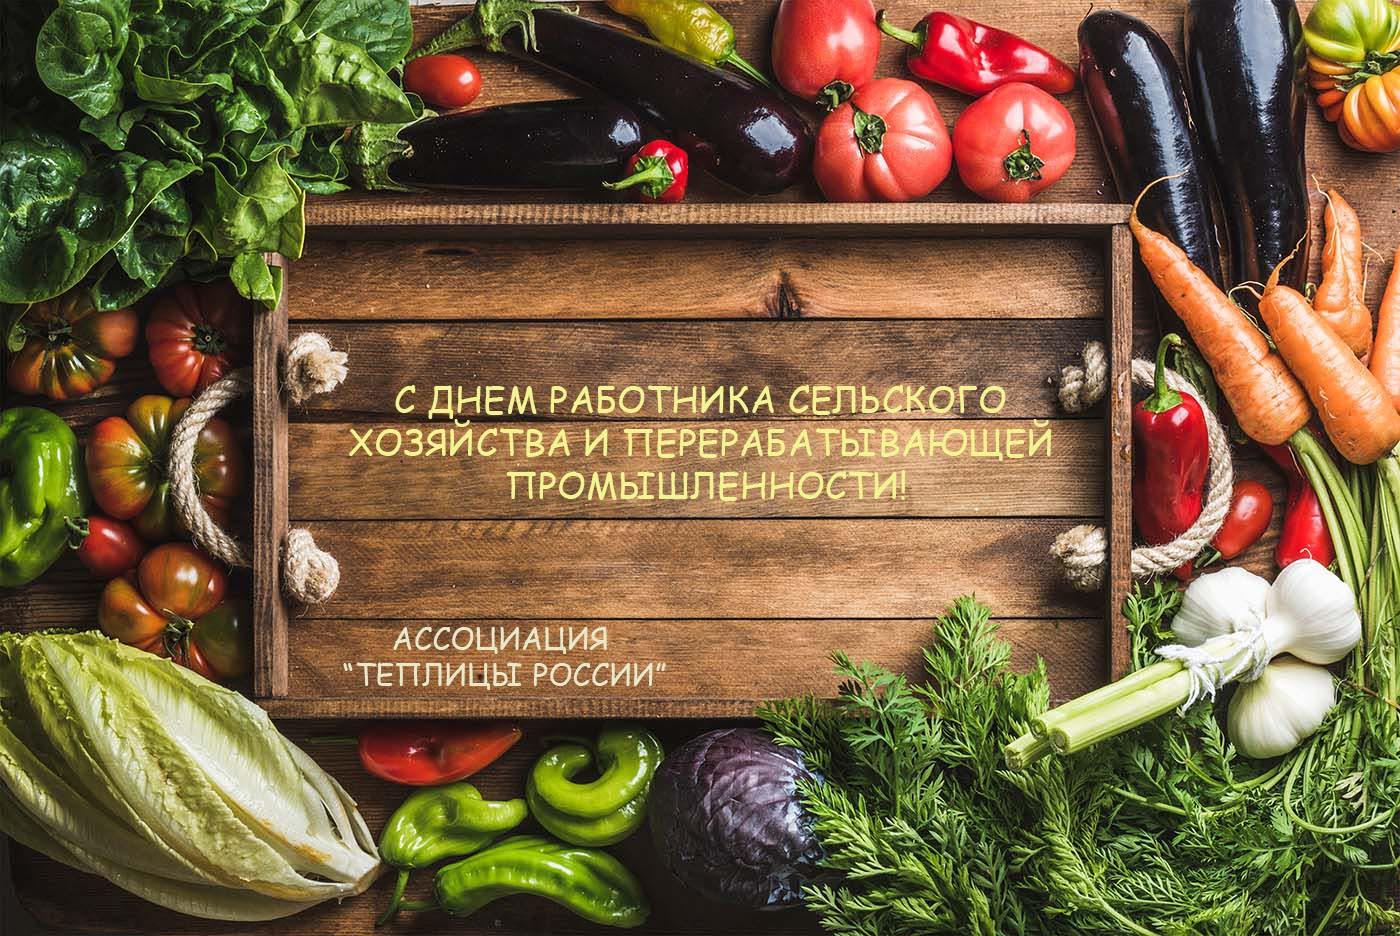 Поздравляем с Днем работника сельского хозяйства